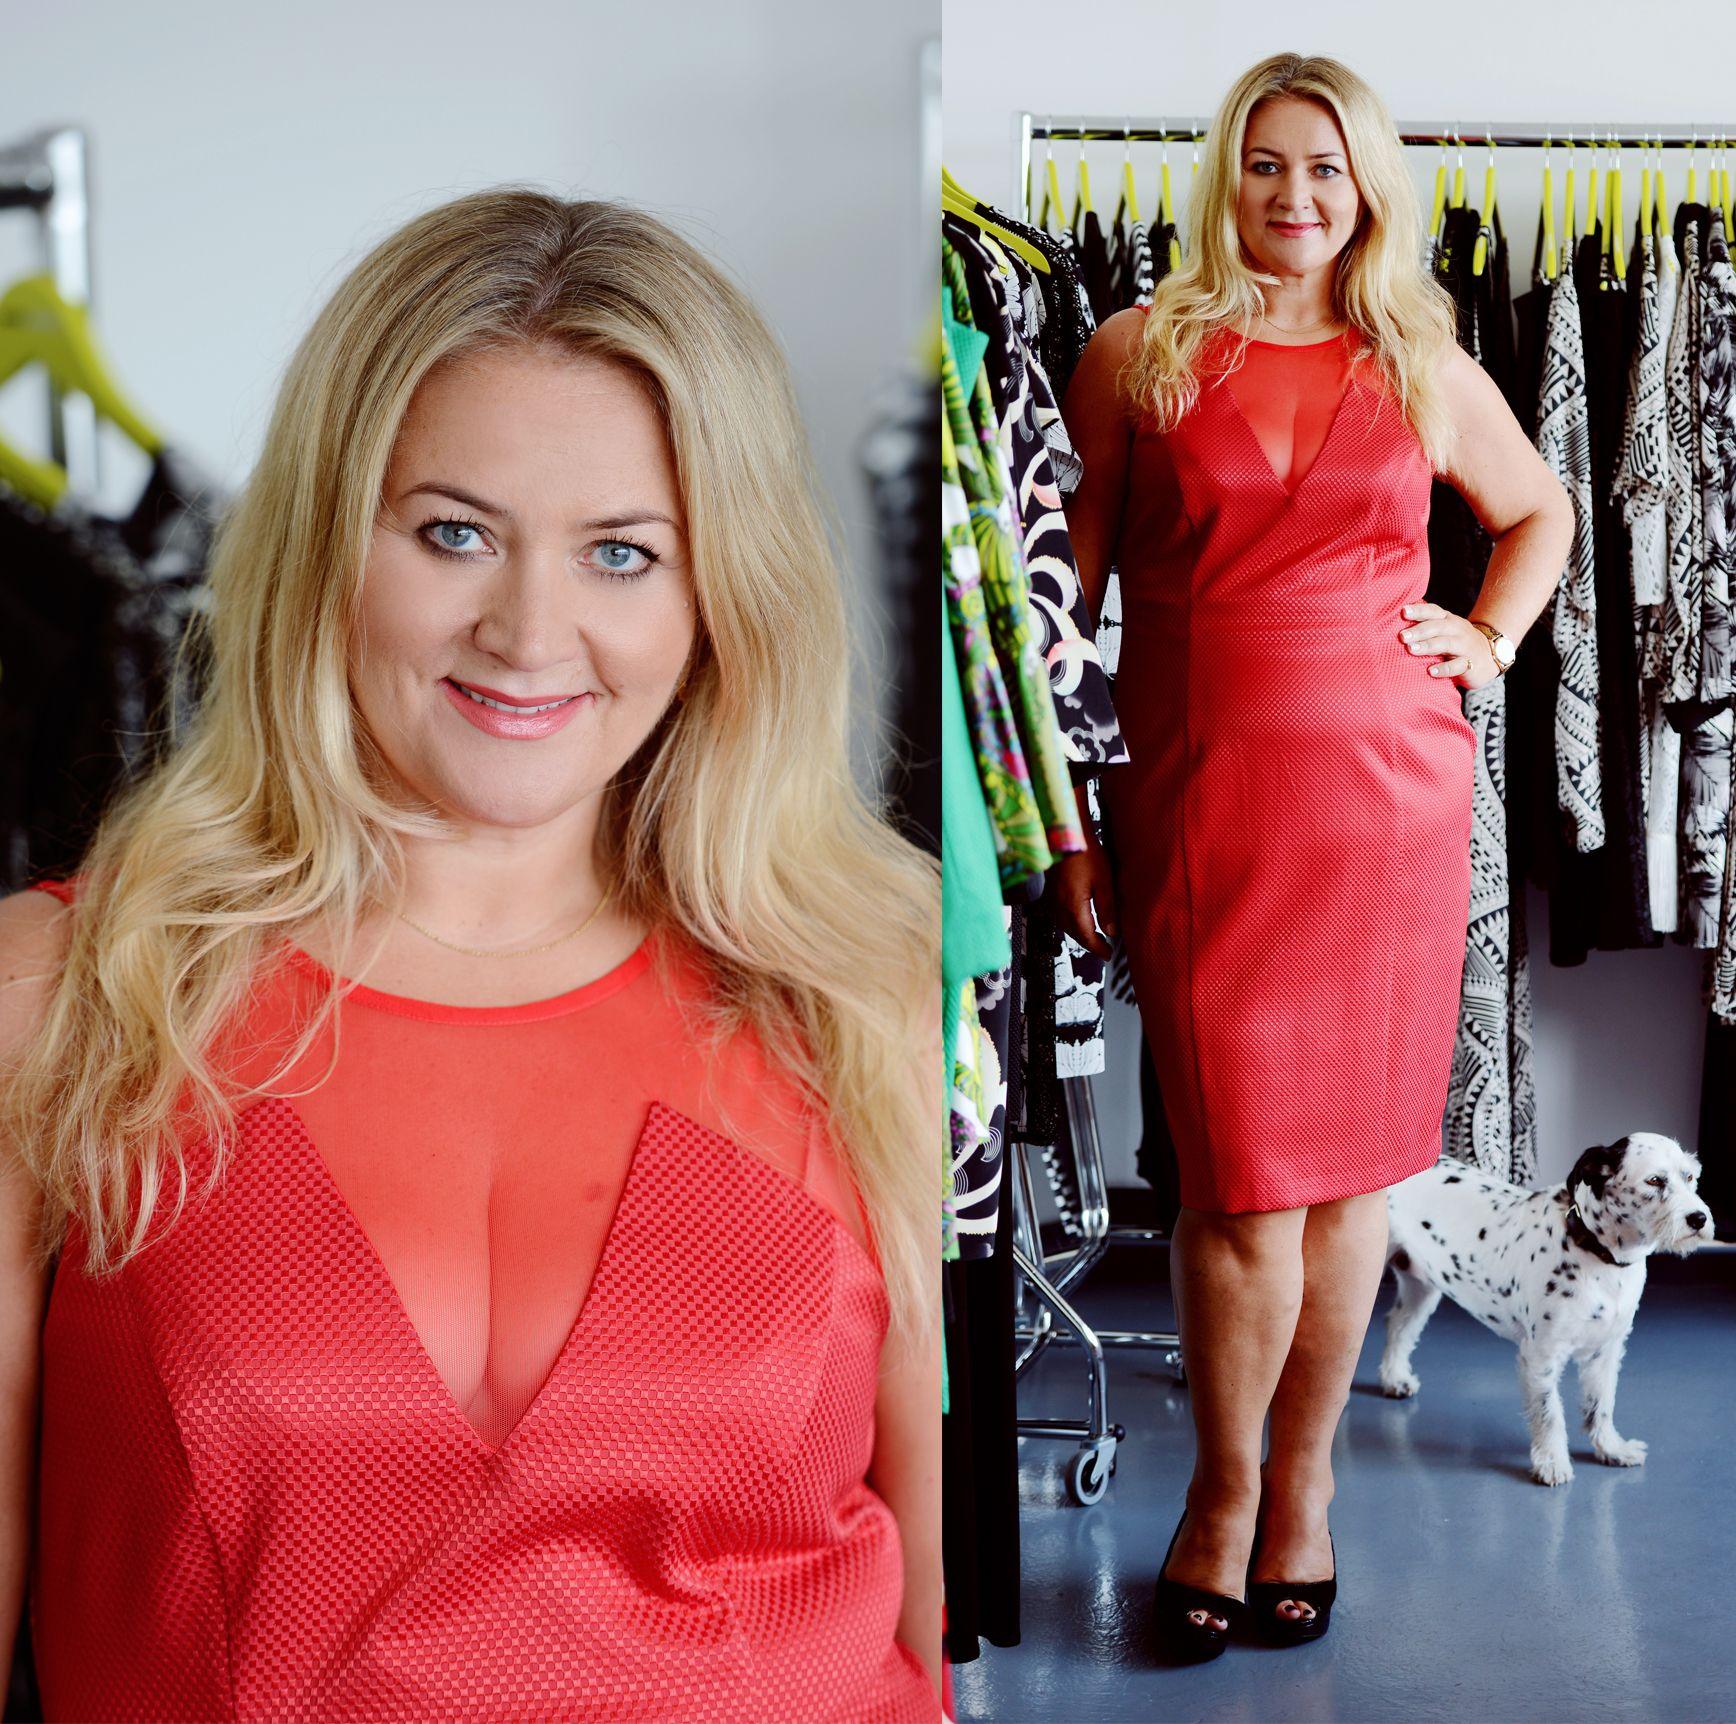 http://www.annascholz.com/new-arrivals/checker-tailoring-mesh-insert-dress-15.html